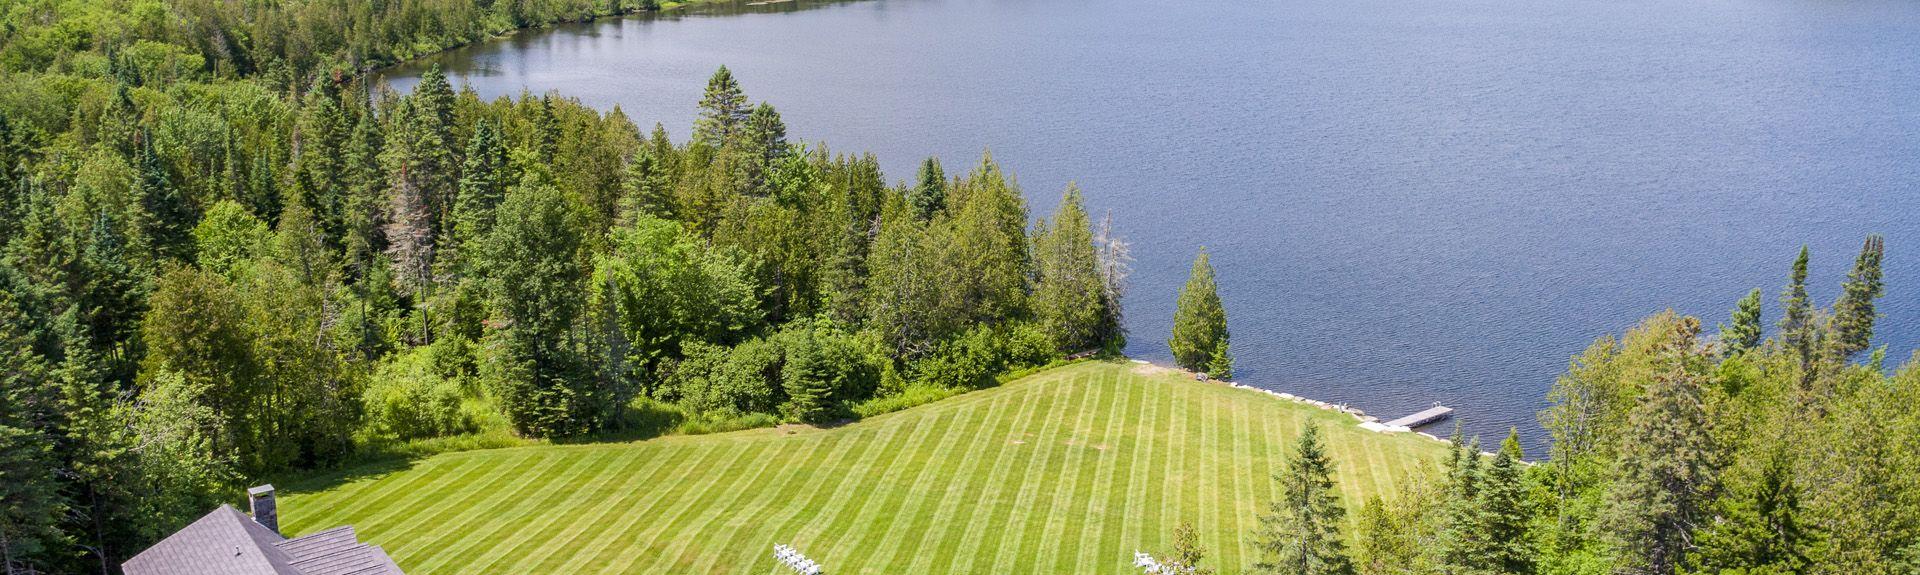 Crystal Lake, Vermont, États-Unis d'Amérique